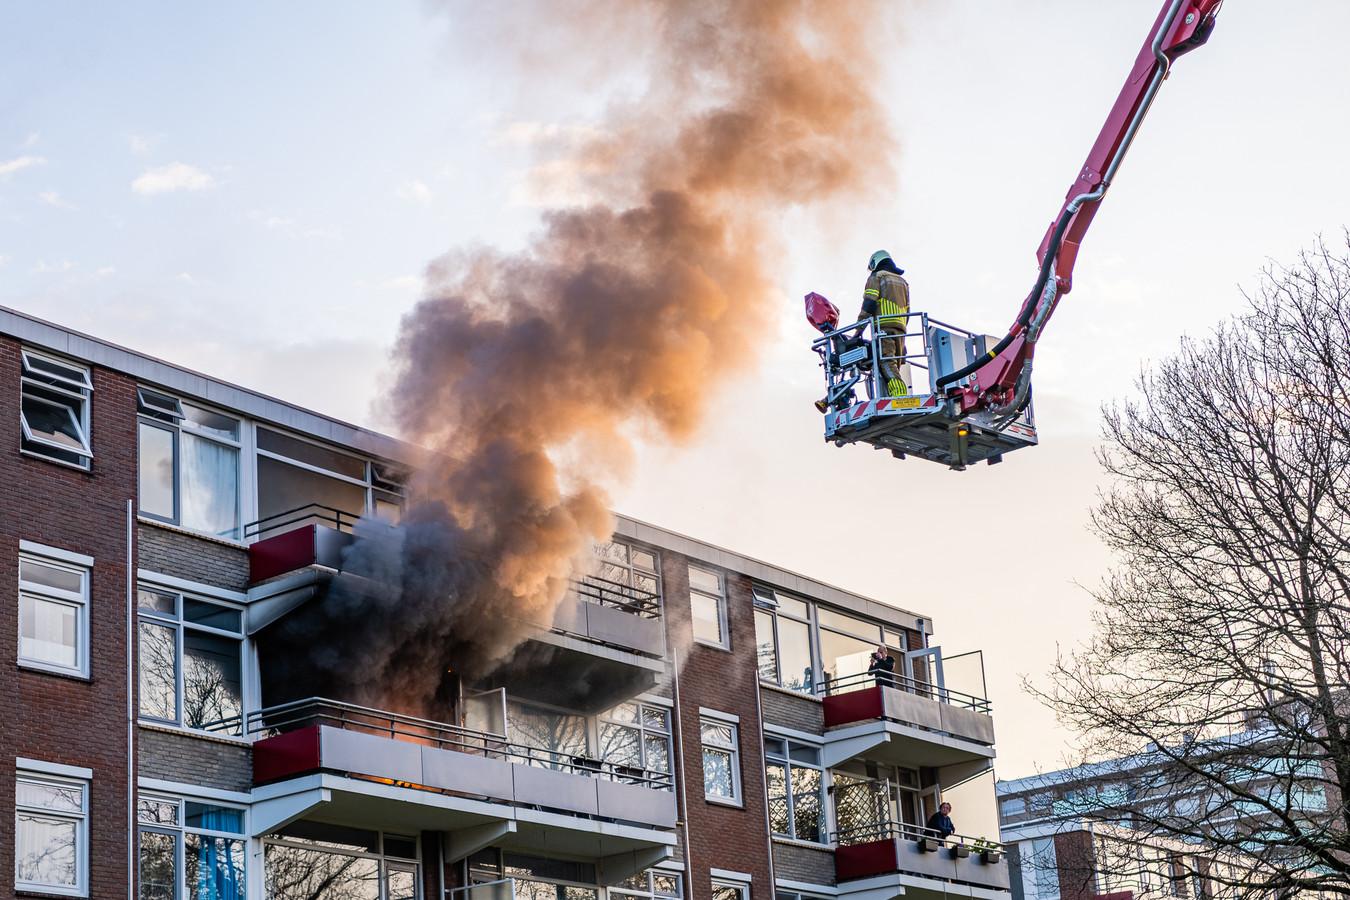 De flatwoning in de Redemptoristenstraat waar maandagavond een brand uitbrak is voorlopig onbewoonbaar verklaard.